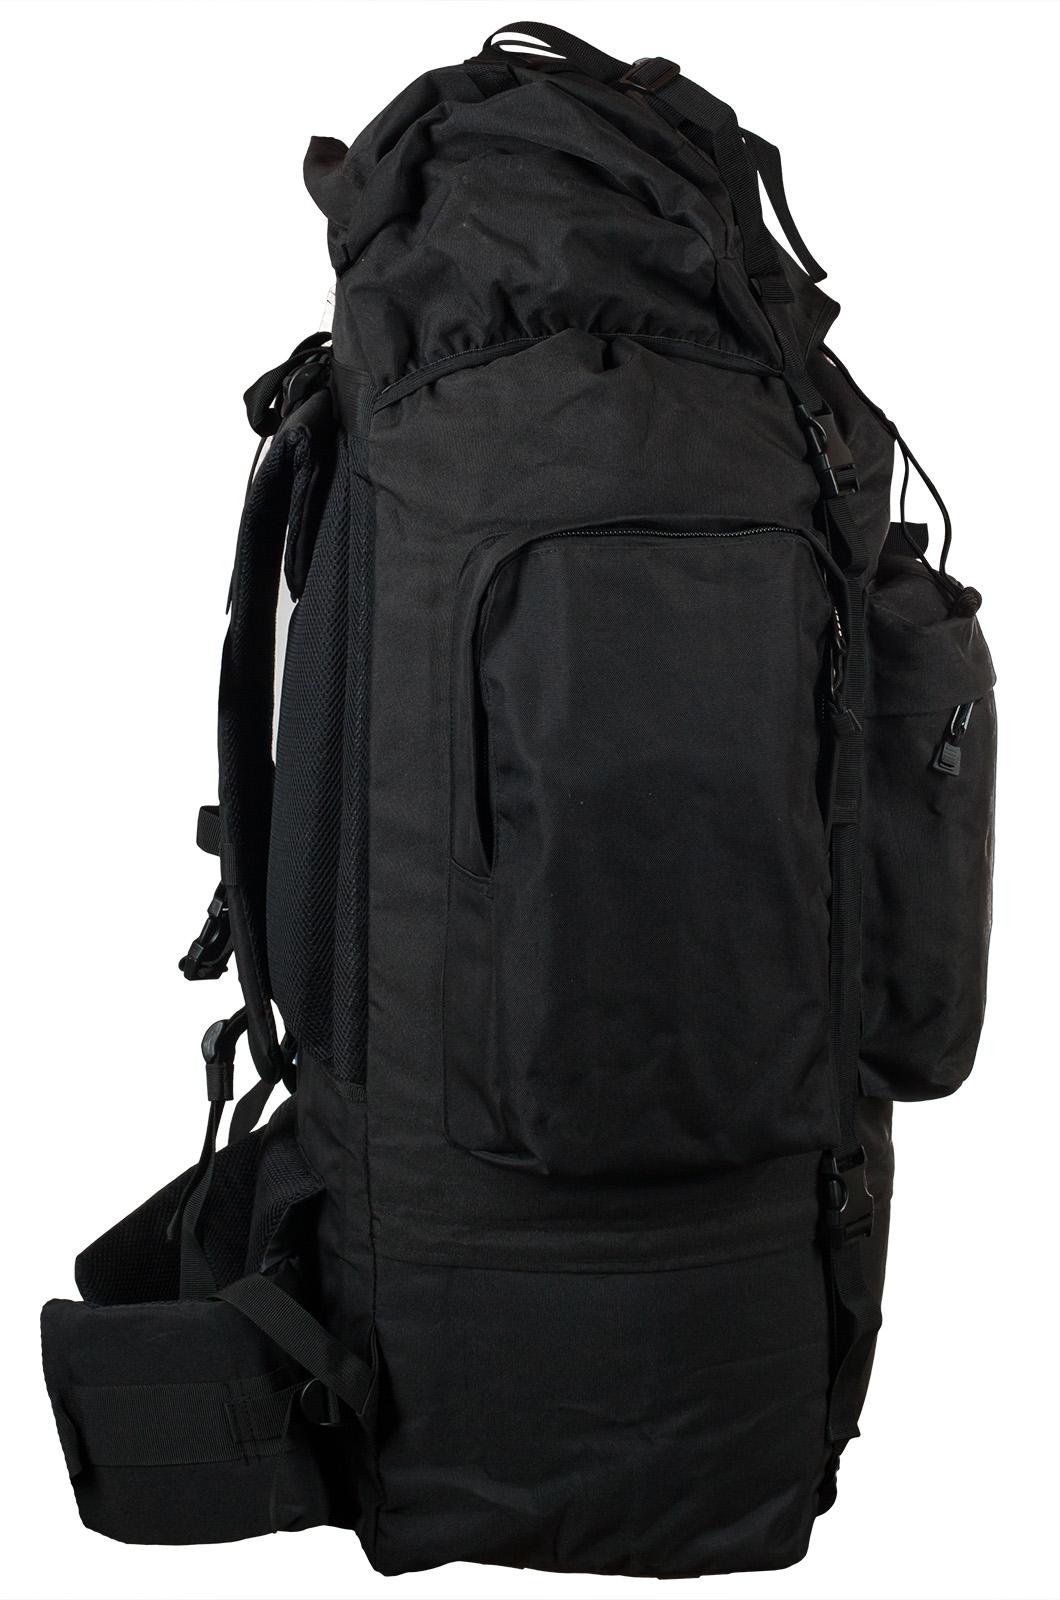 Многодневный тактический рюкзак ФСО Max Fuchs - заказать в розницу